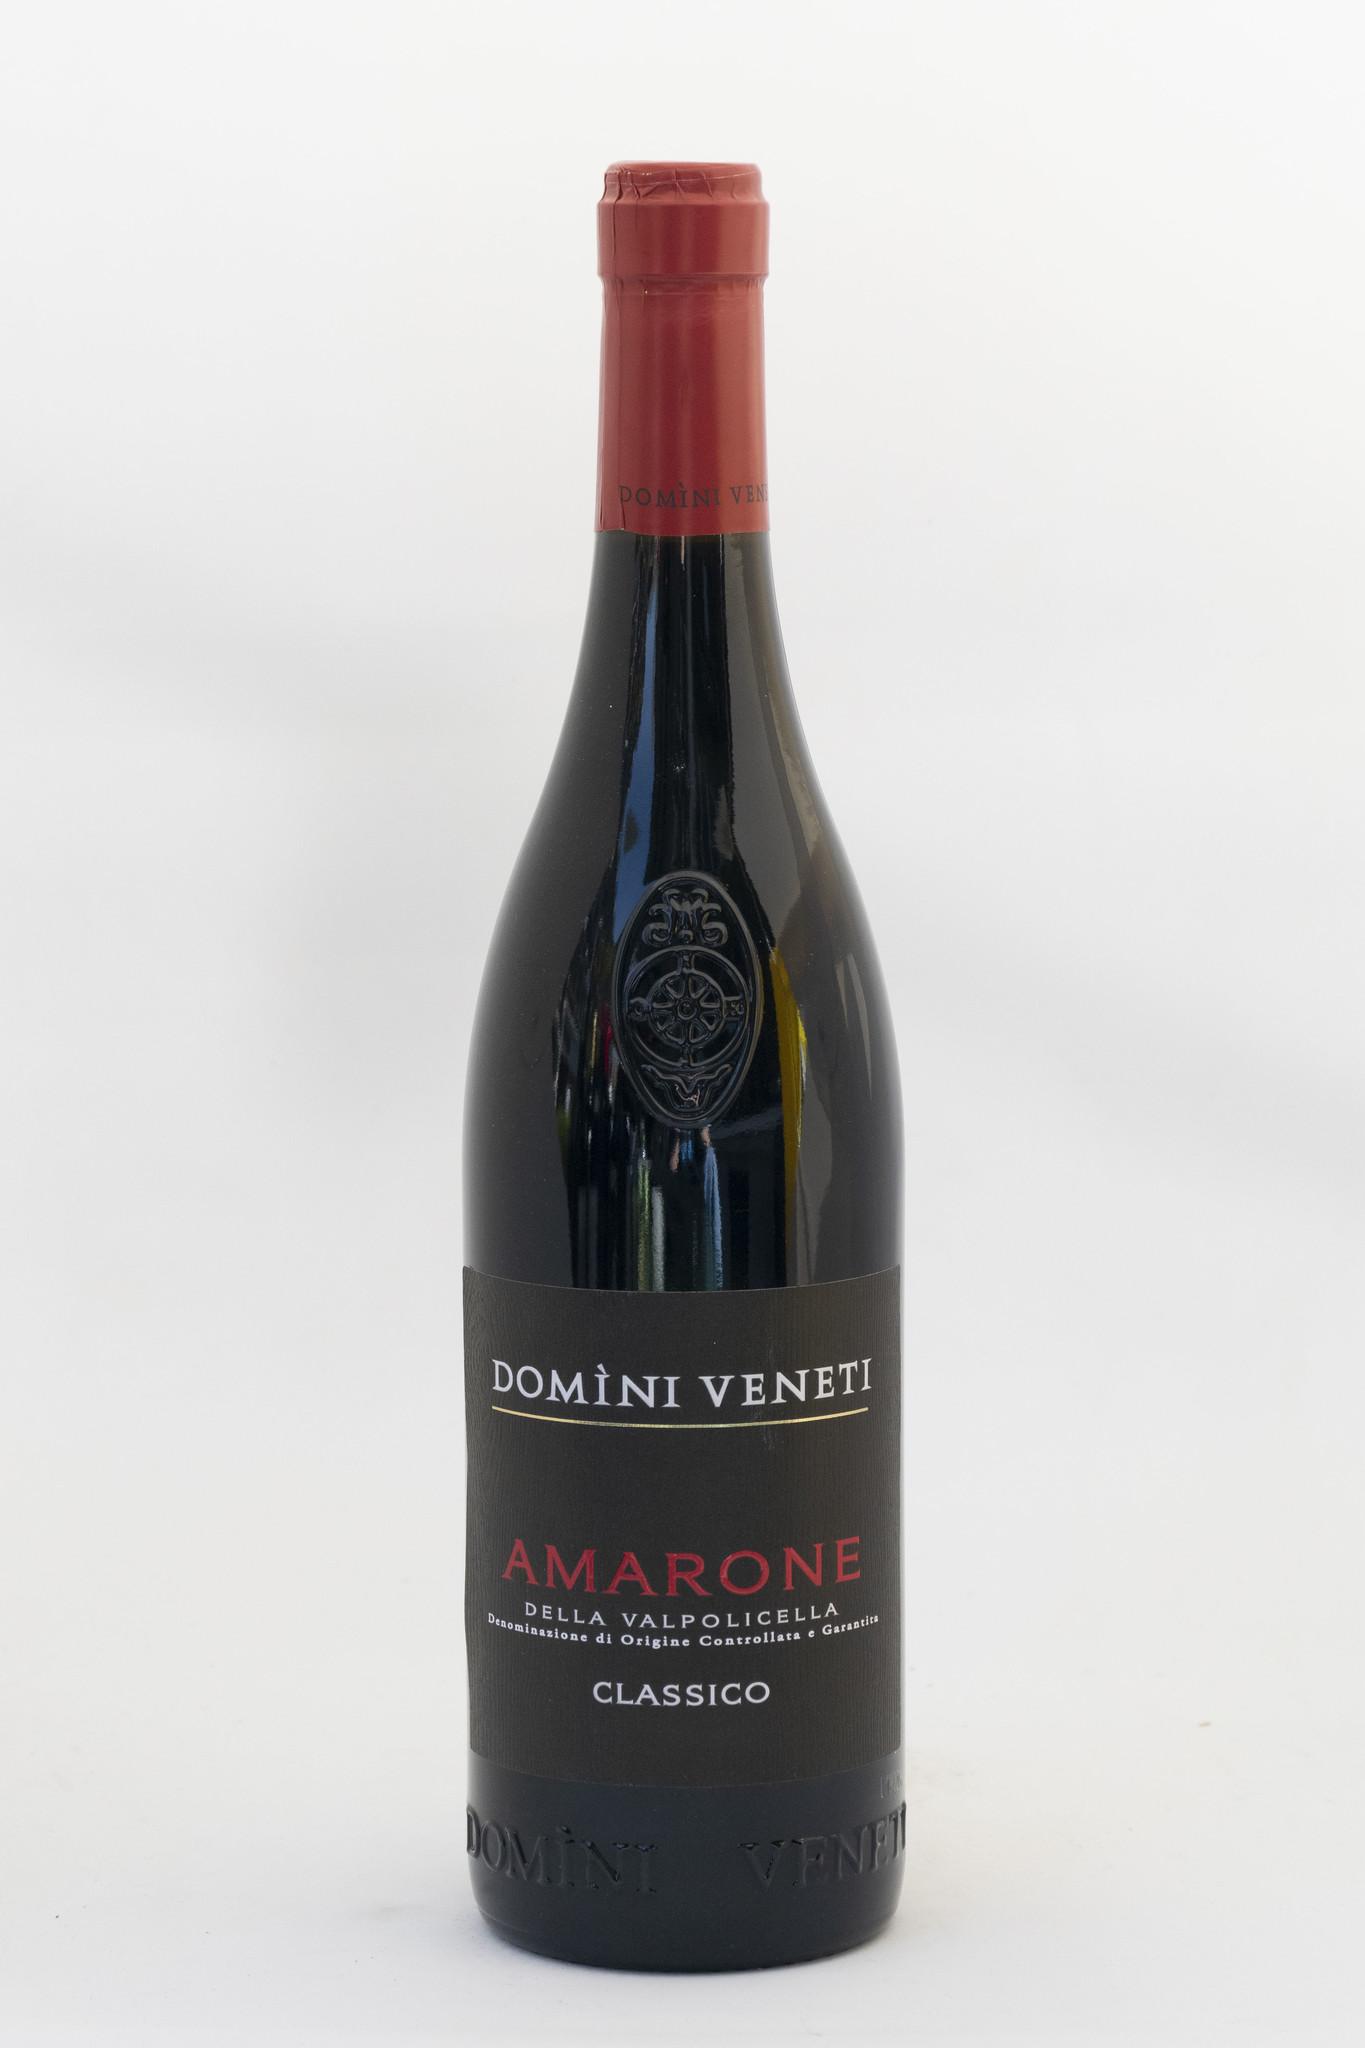 Amarone della Valpolicella  Domini Veneti  Classico   2015